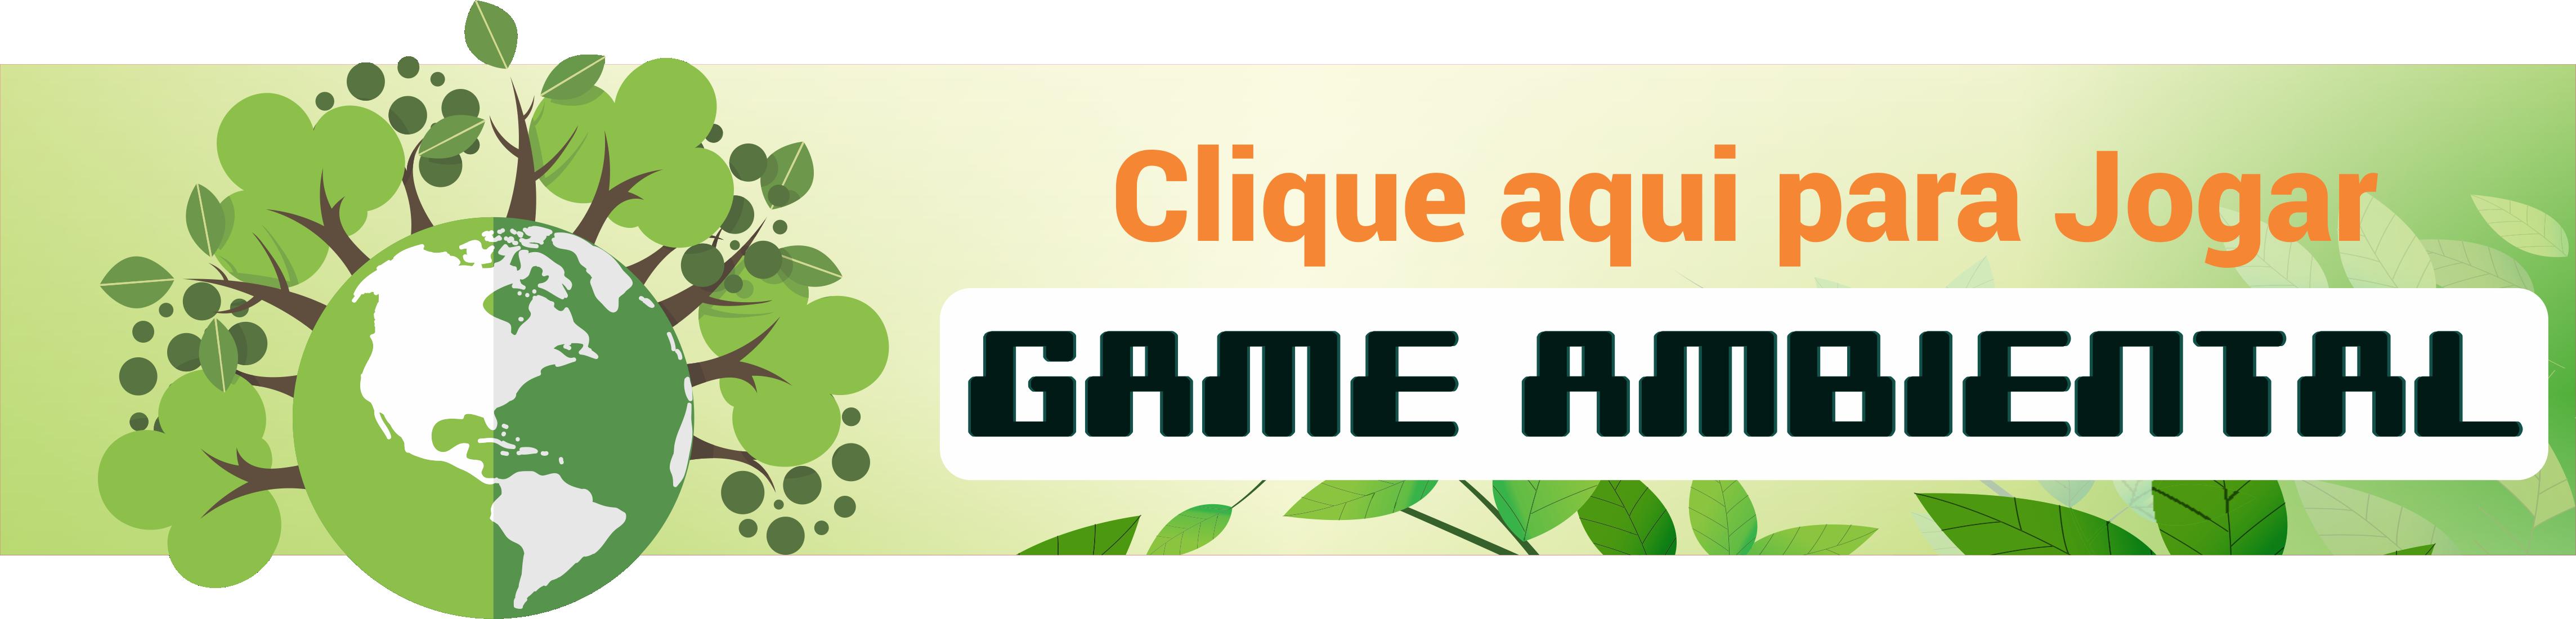 Game Ambiental-3